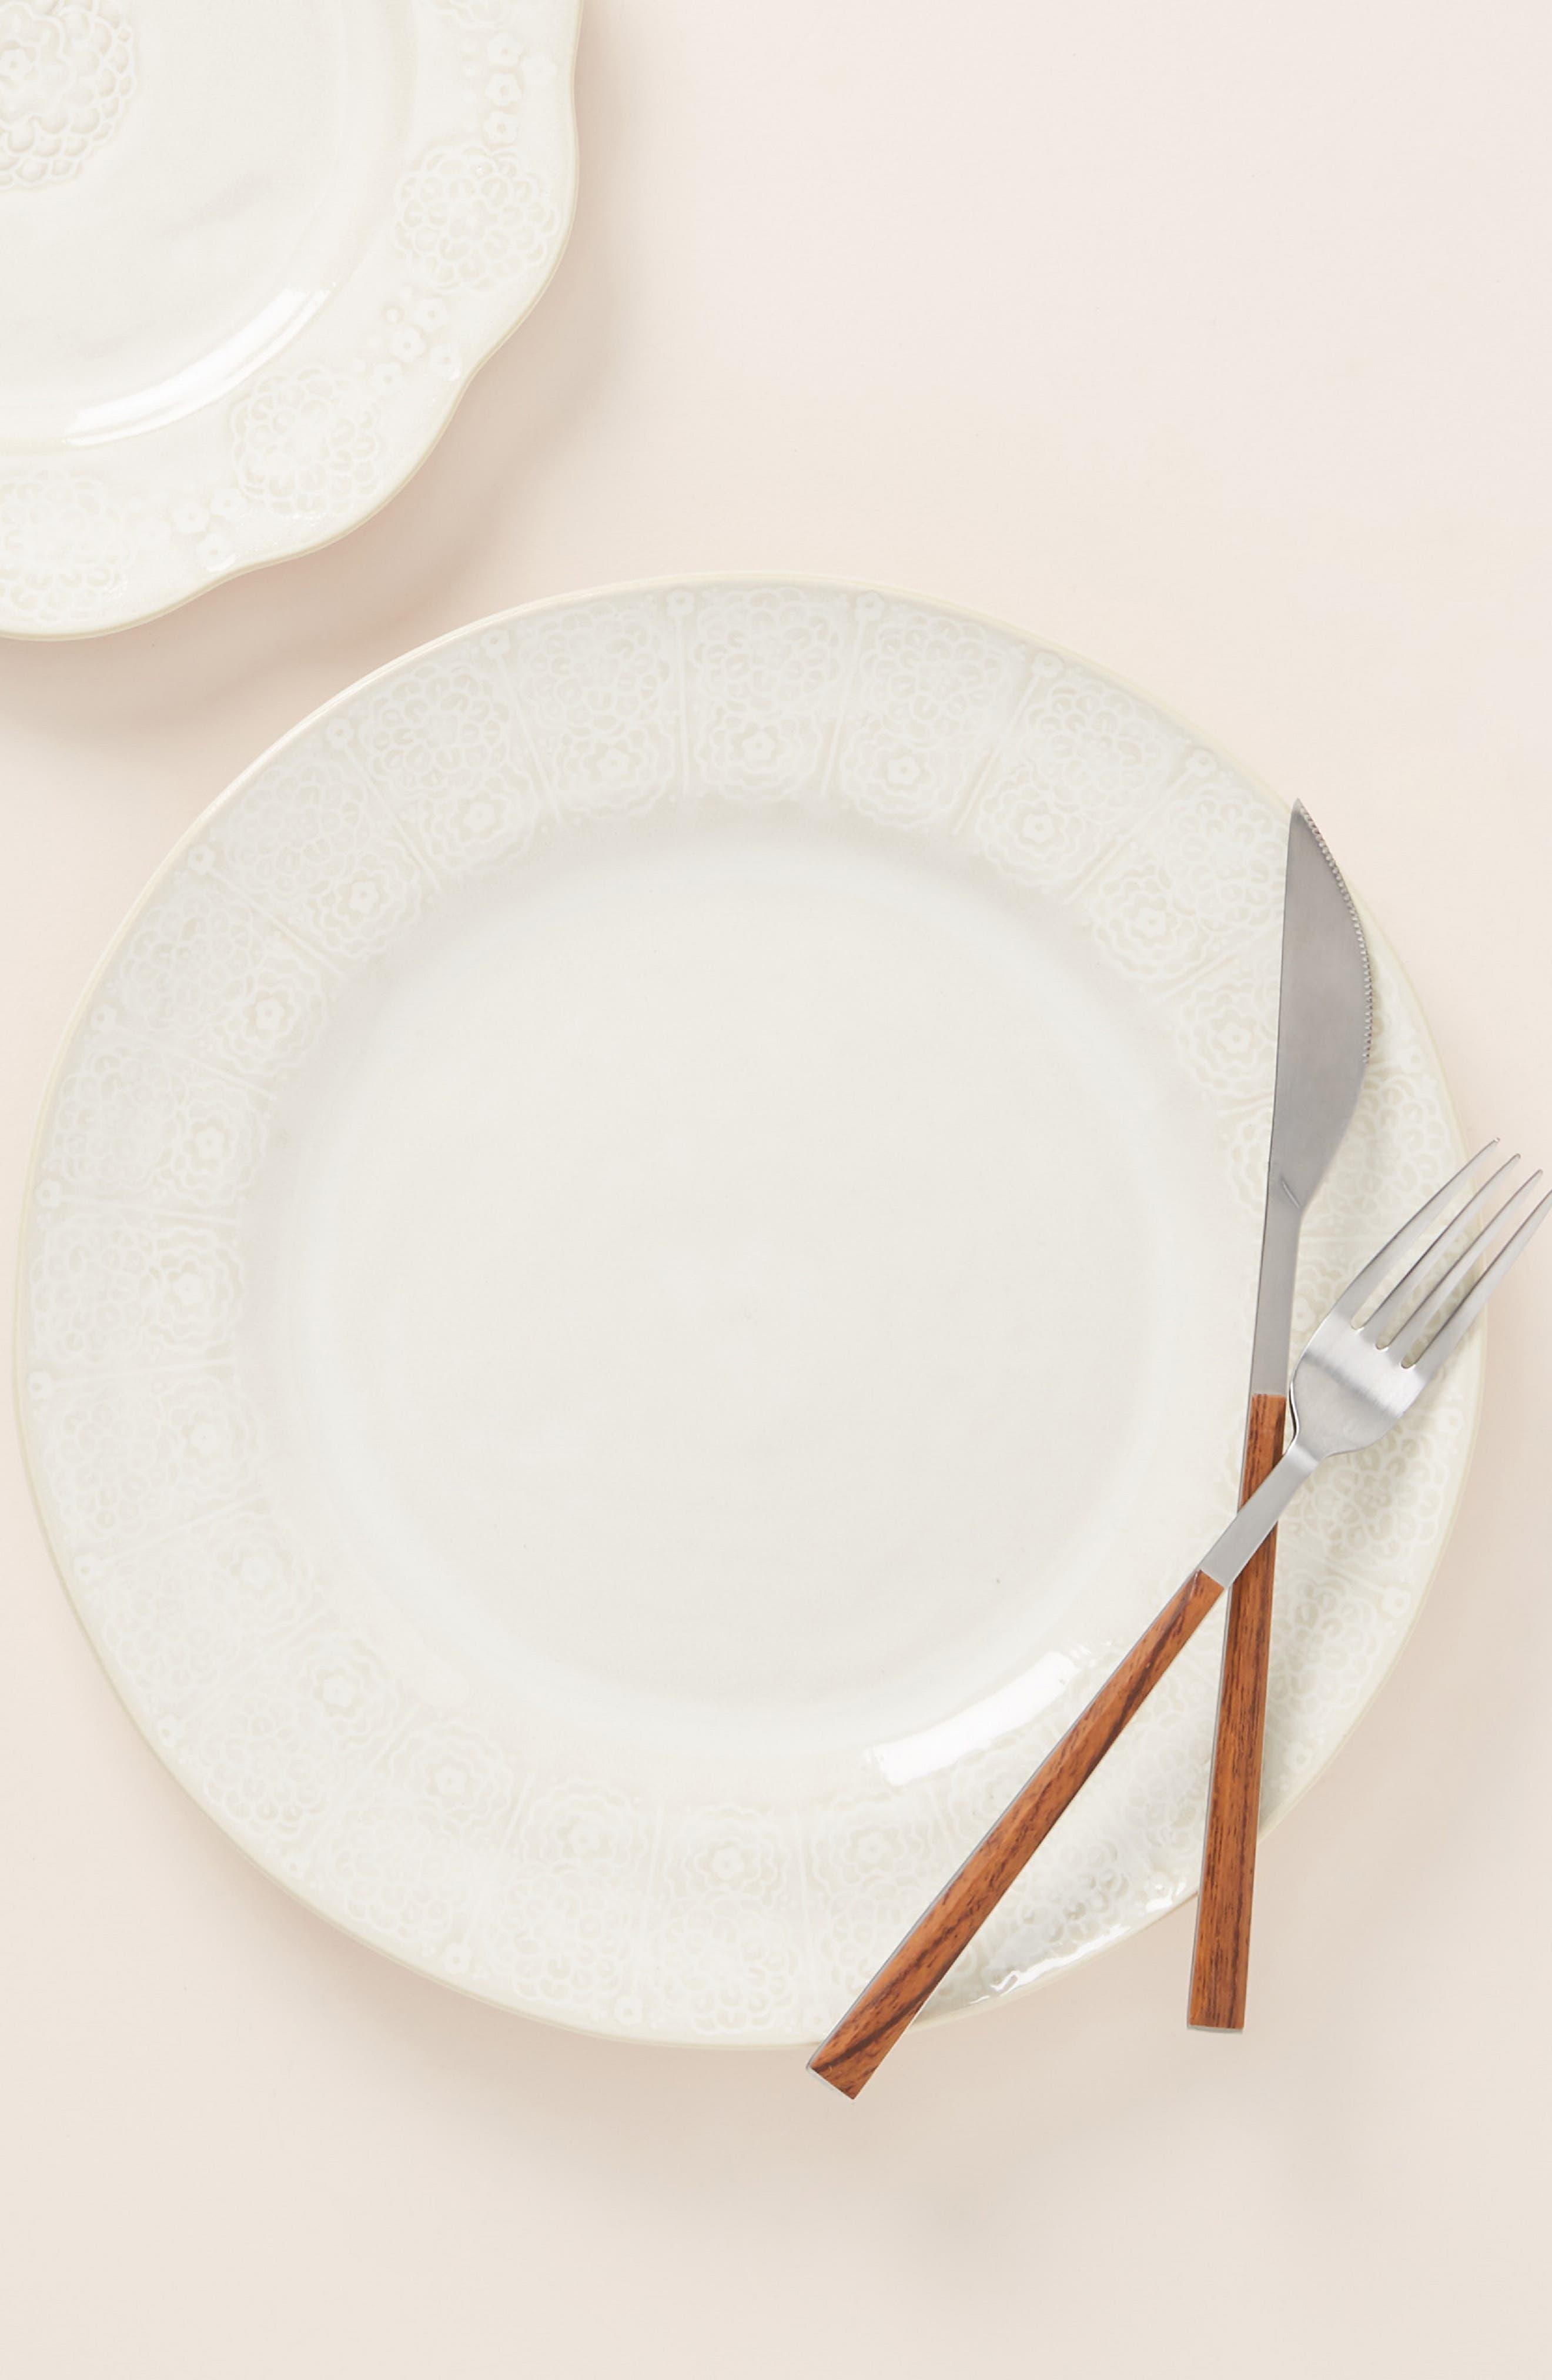 ANTHROPOLOGIE,                             Veru Dinner Plate,                             Alternate thumbnail 2, color,                             WHITE